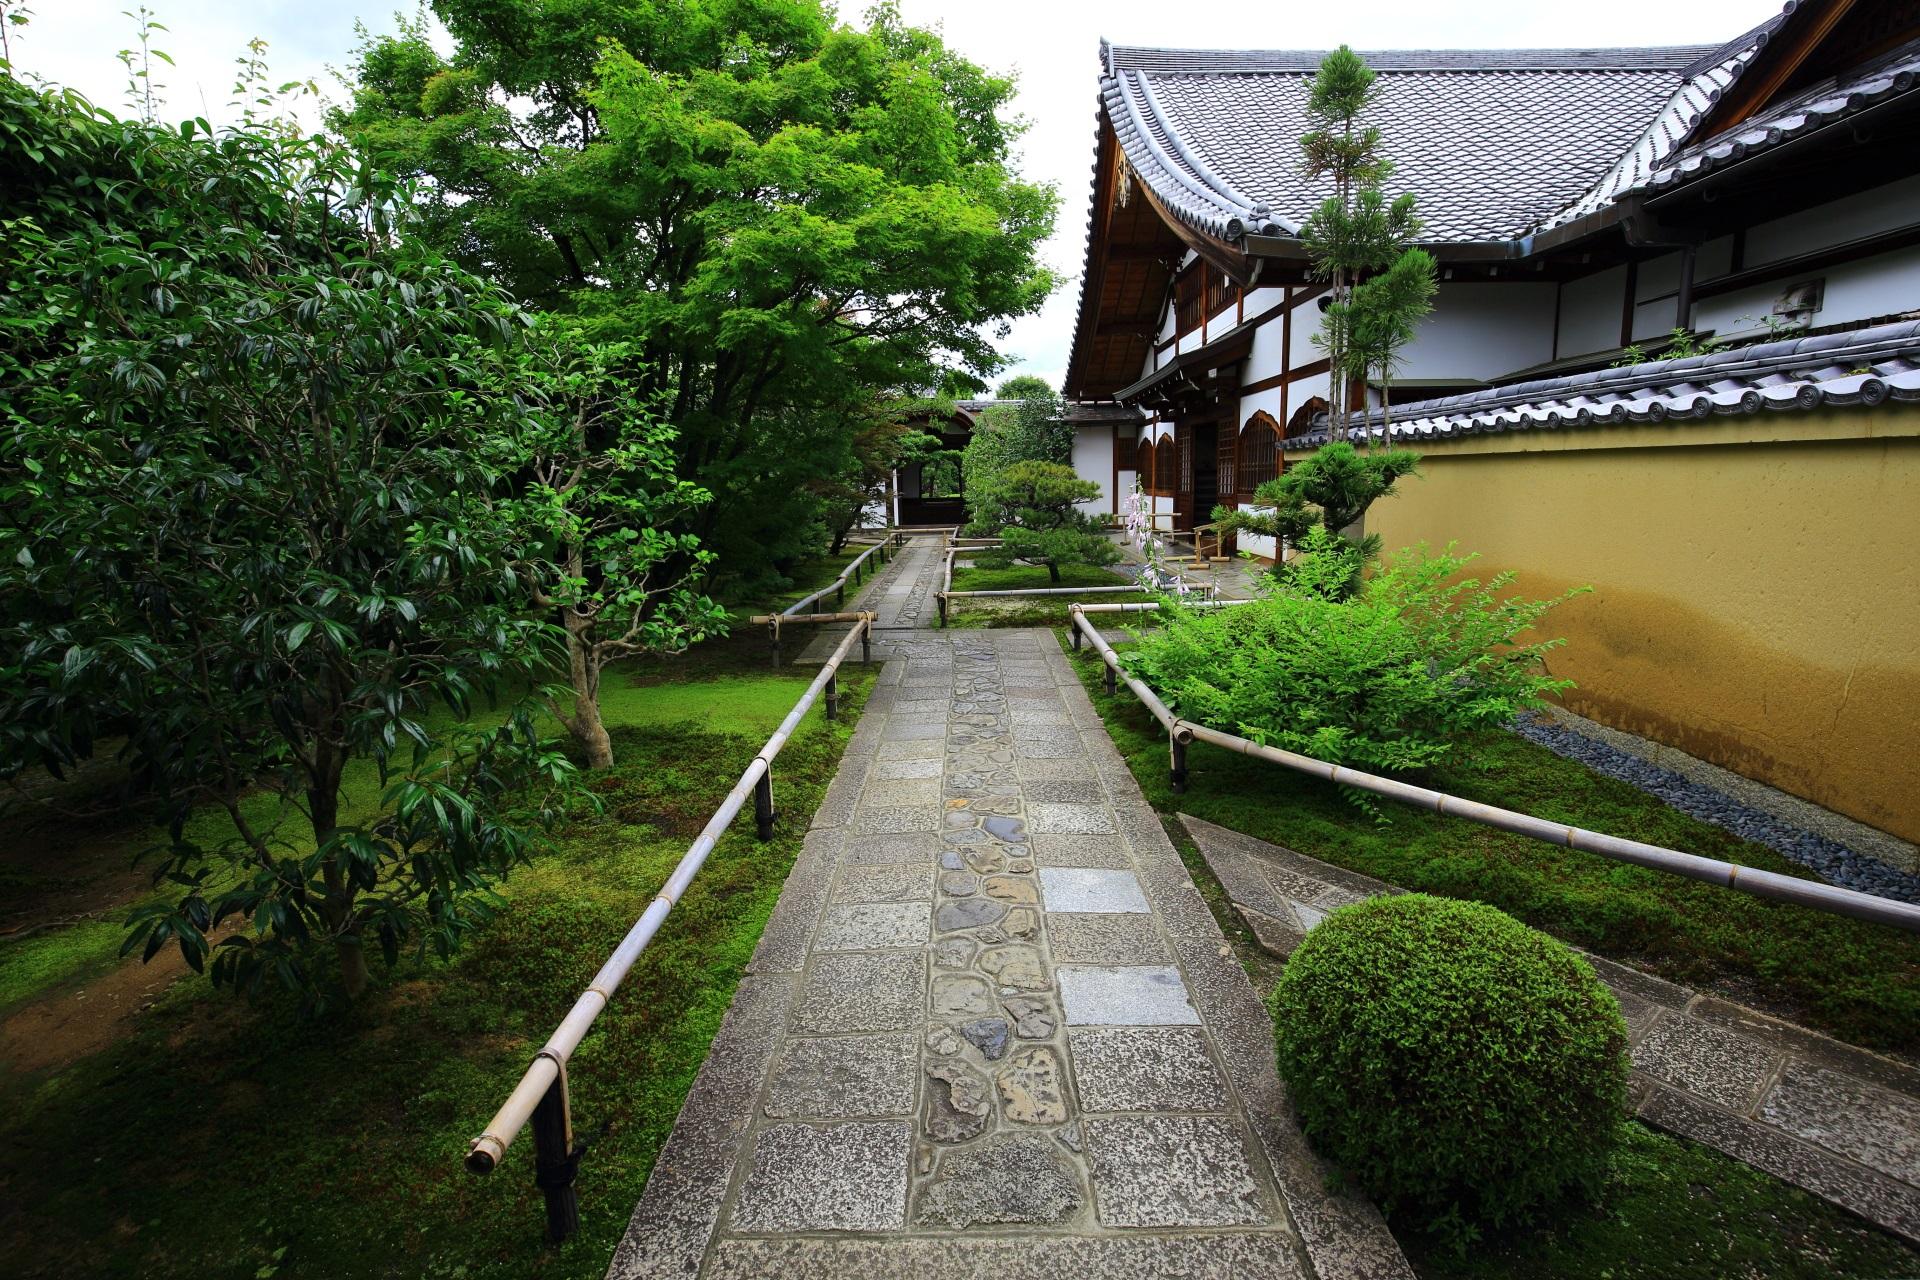 興臨院の緑につつまれる石畳の参道